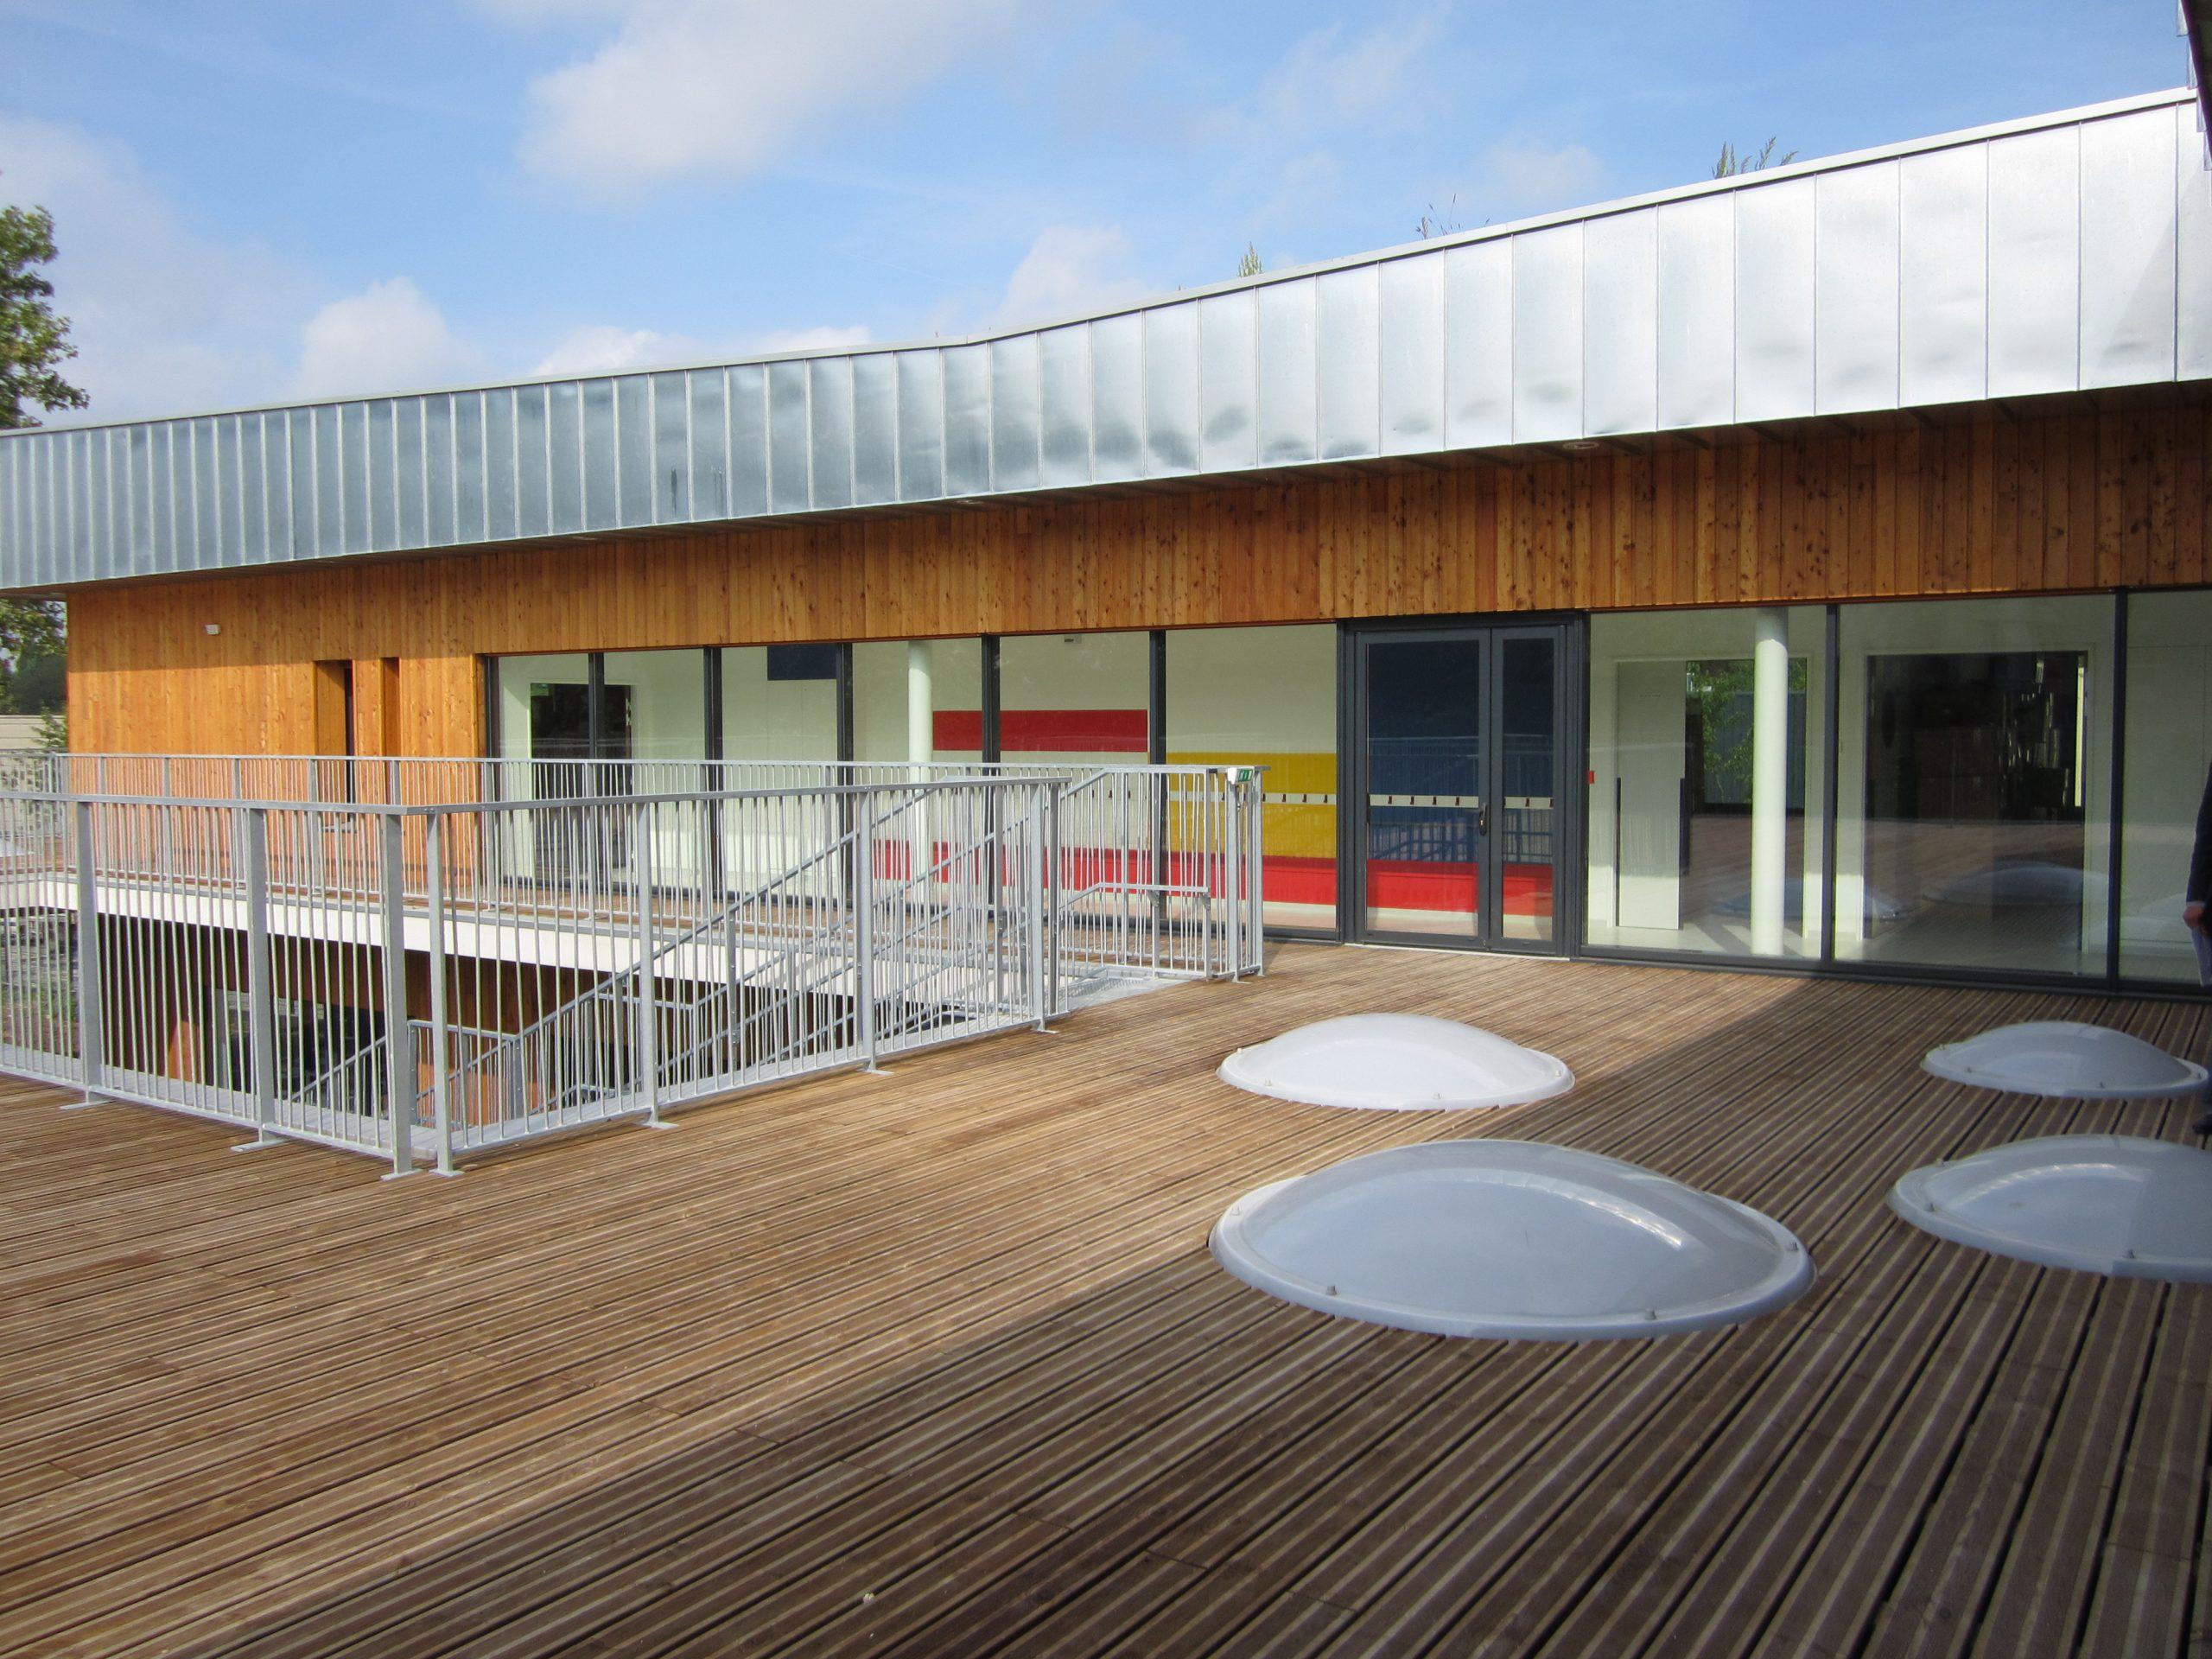 Ecole Maternelle Charles Péguy - Ote Ingénierie pour Cours Maternelle